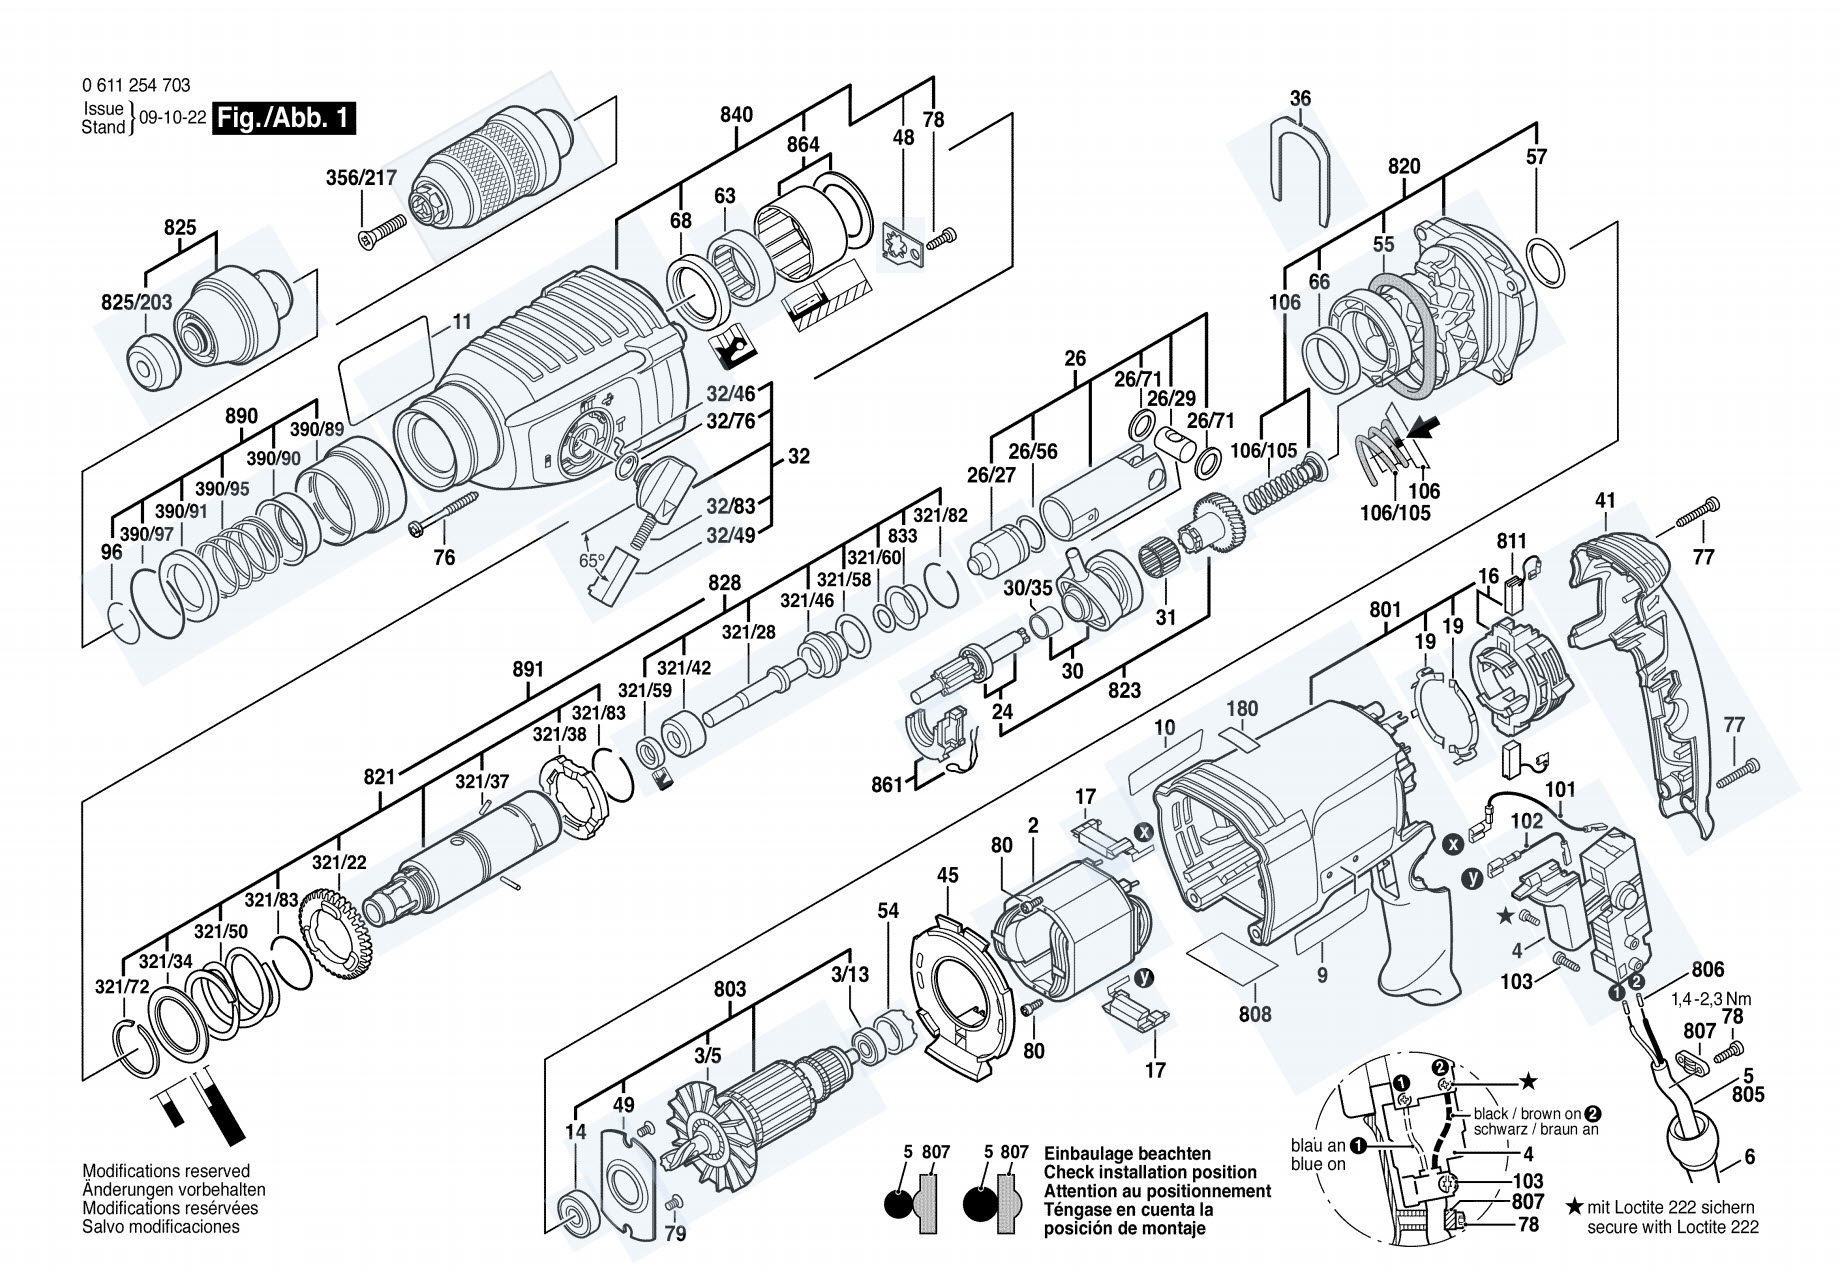 รายละเอียด อะไหล่สว่านโรตารี่ Bosch 2-26 DFR